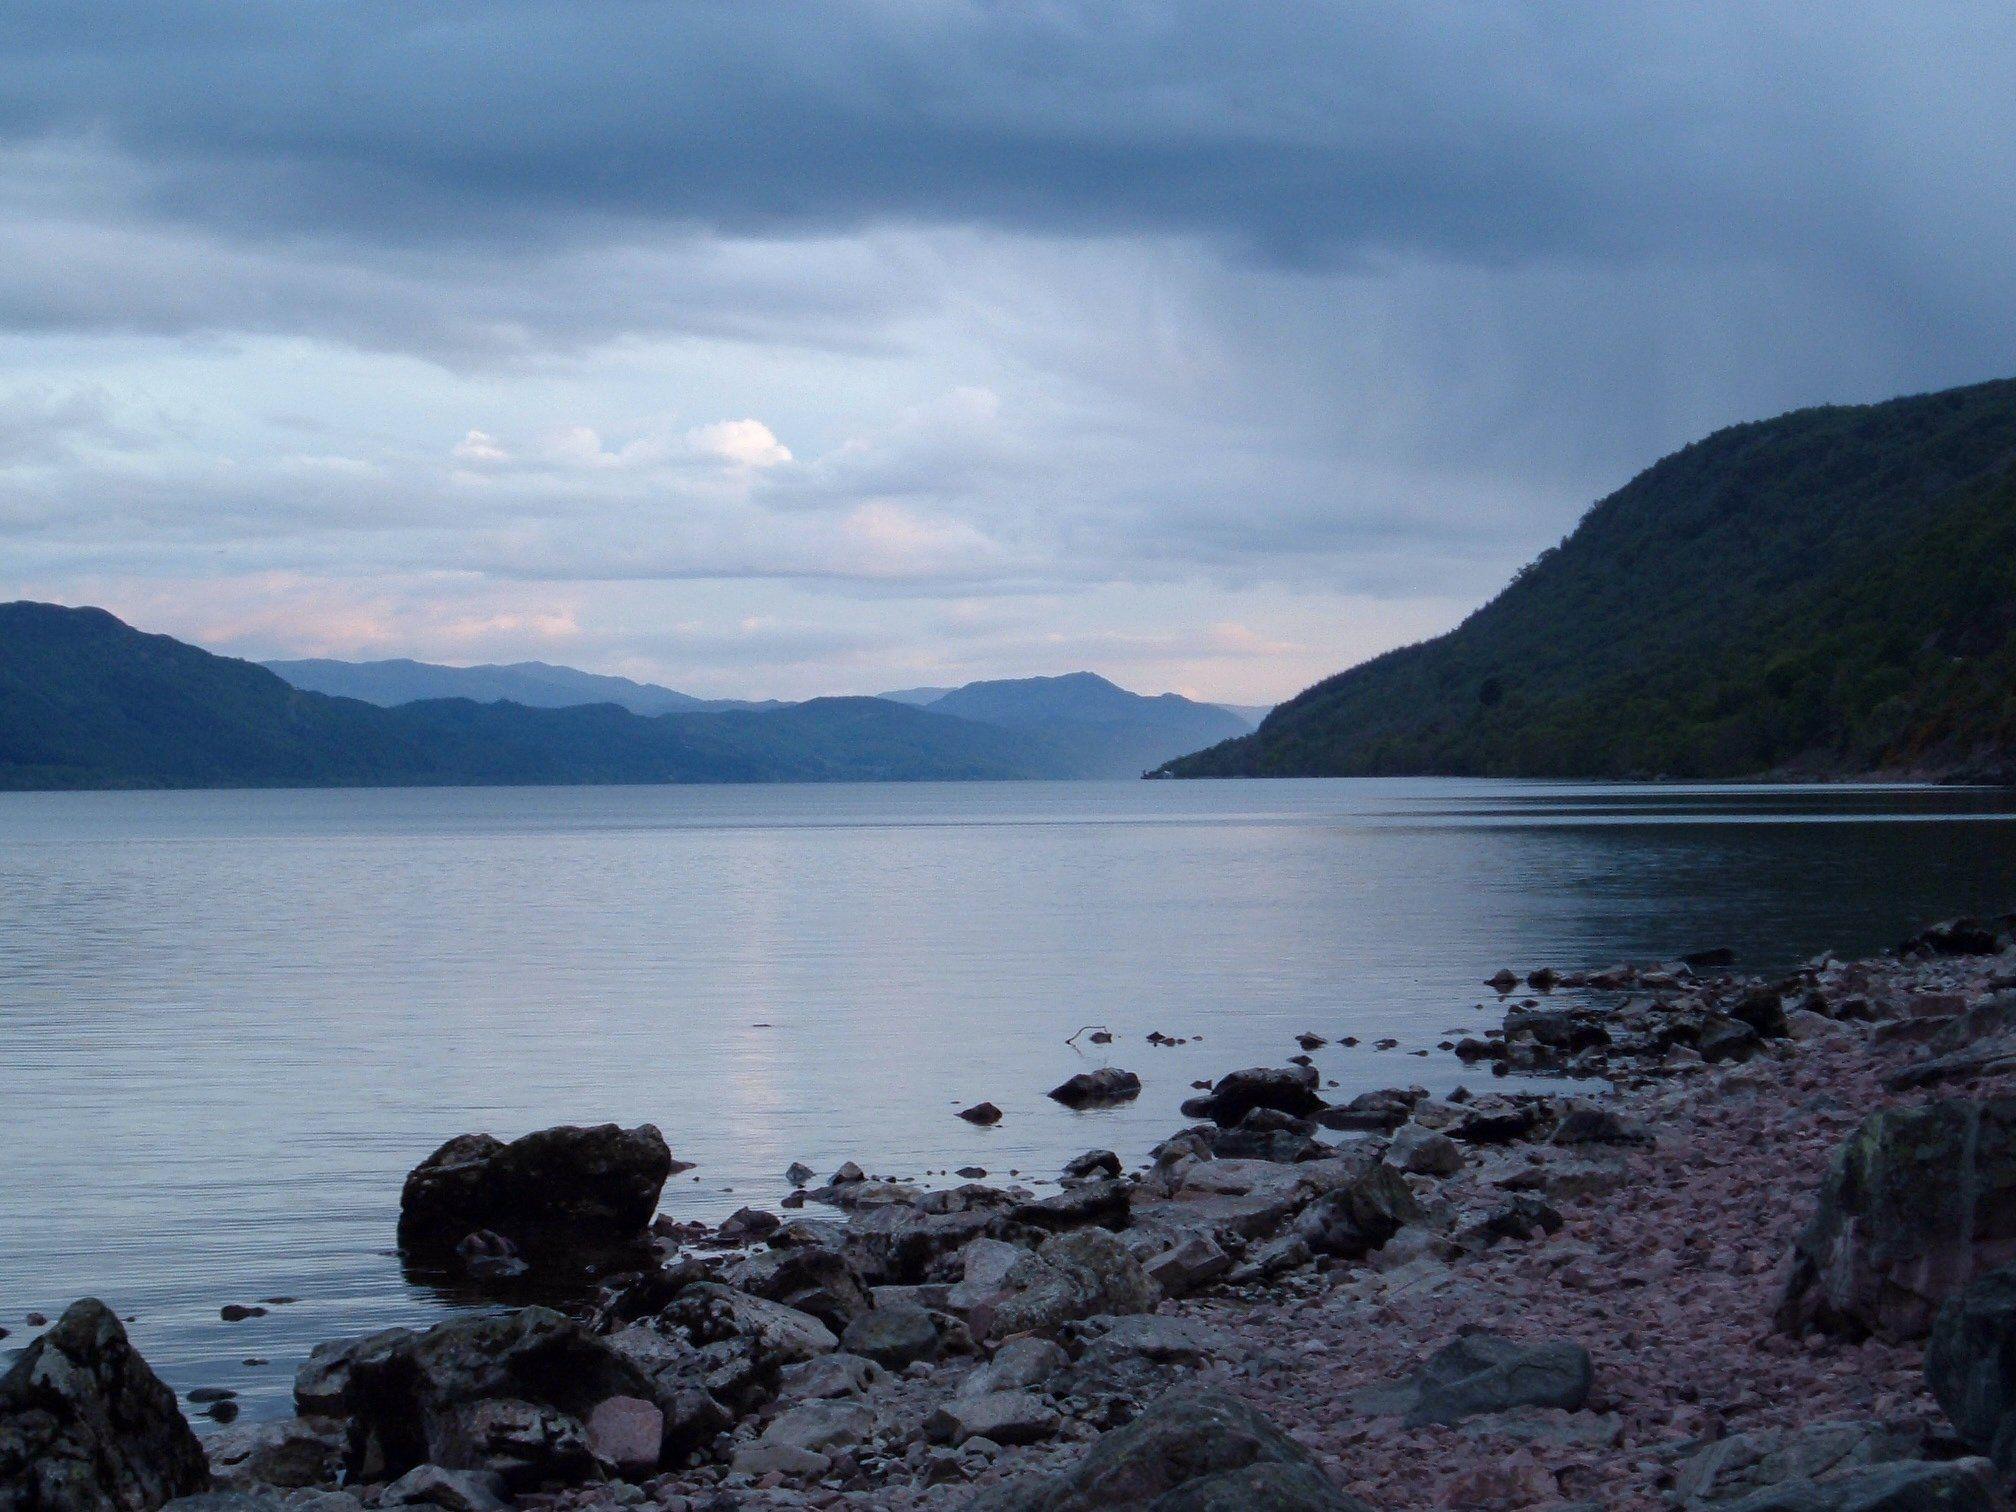 """Seeungeheuer nicht mehr in Loch Ness? Angeblich soll Nessie nach England """"ausgewandert"""" sein"""